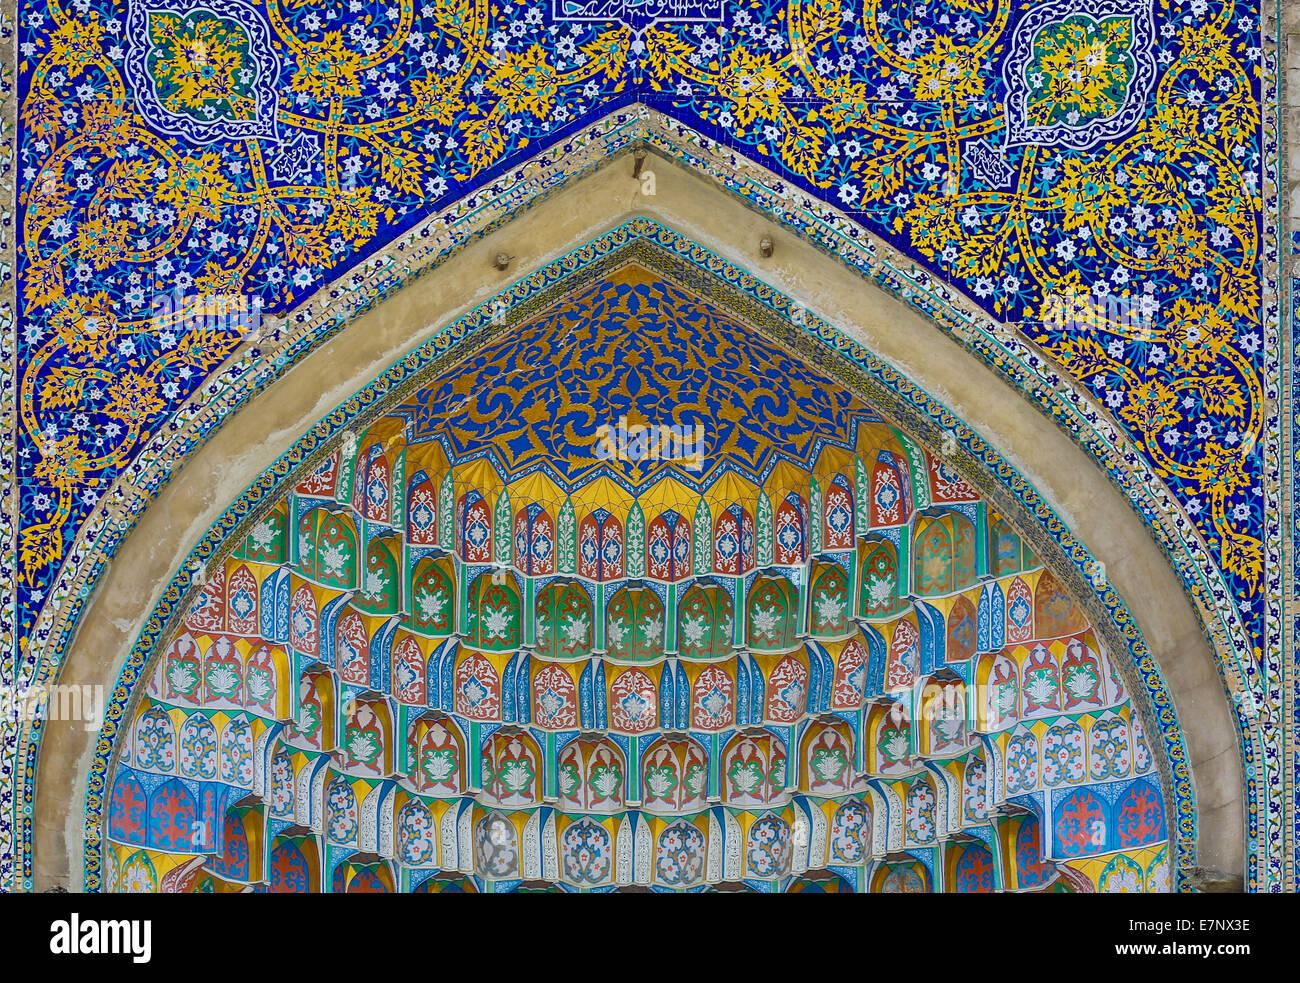 world heritage, Abdul Aziz, Bukhara, Medressah, Uzbekistan, Central Asia, Asia, architecture, city, colourful, history, - Stock Image